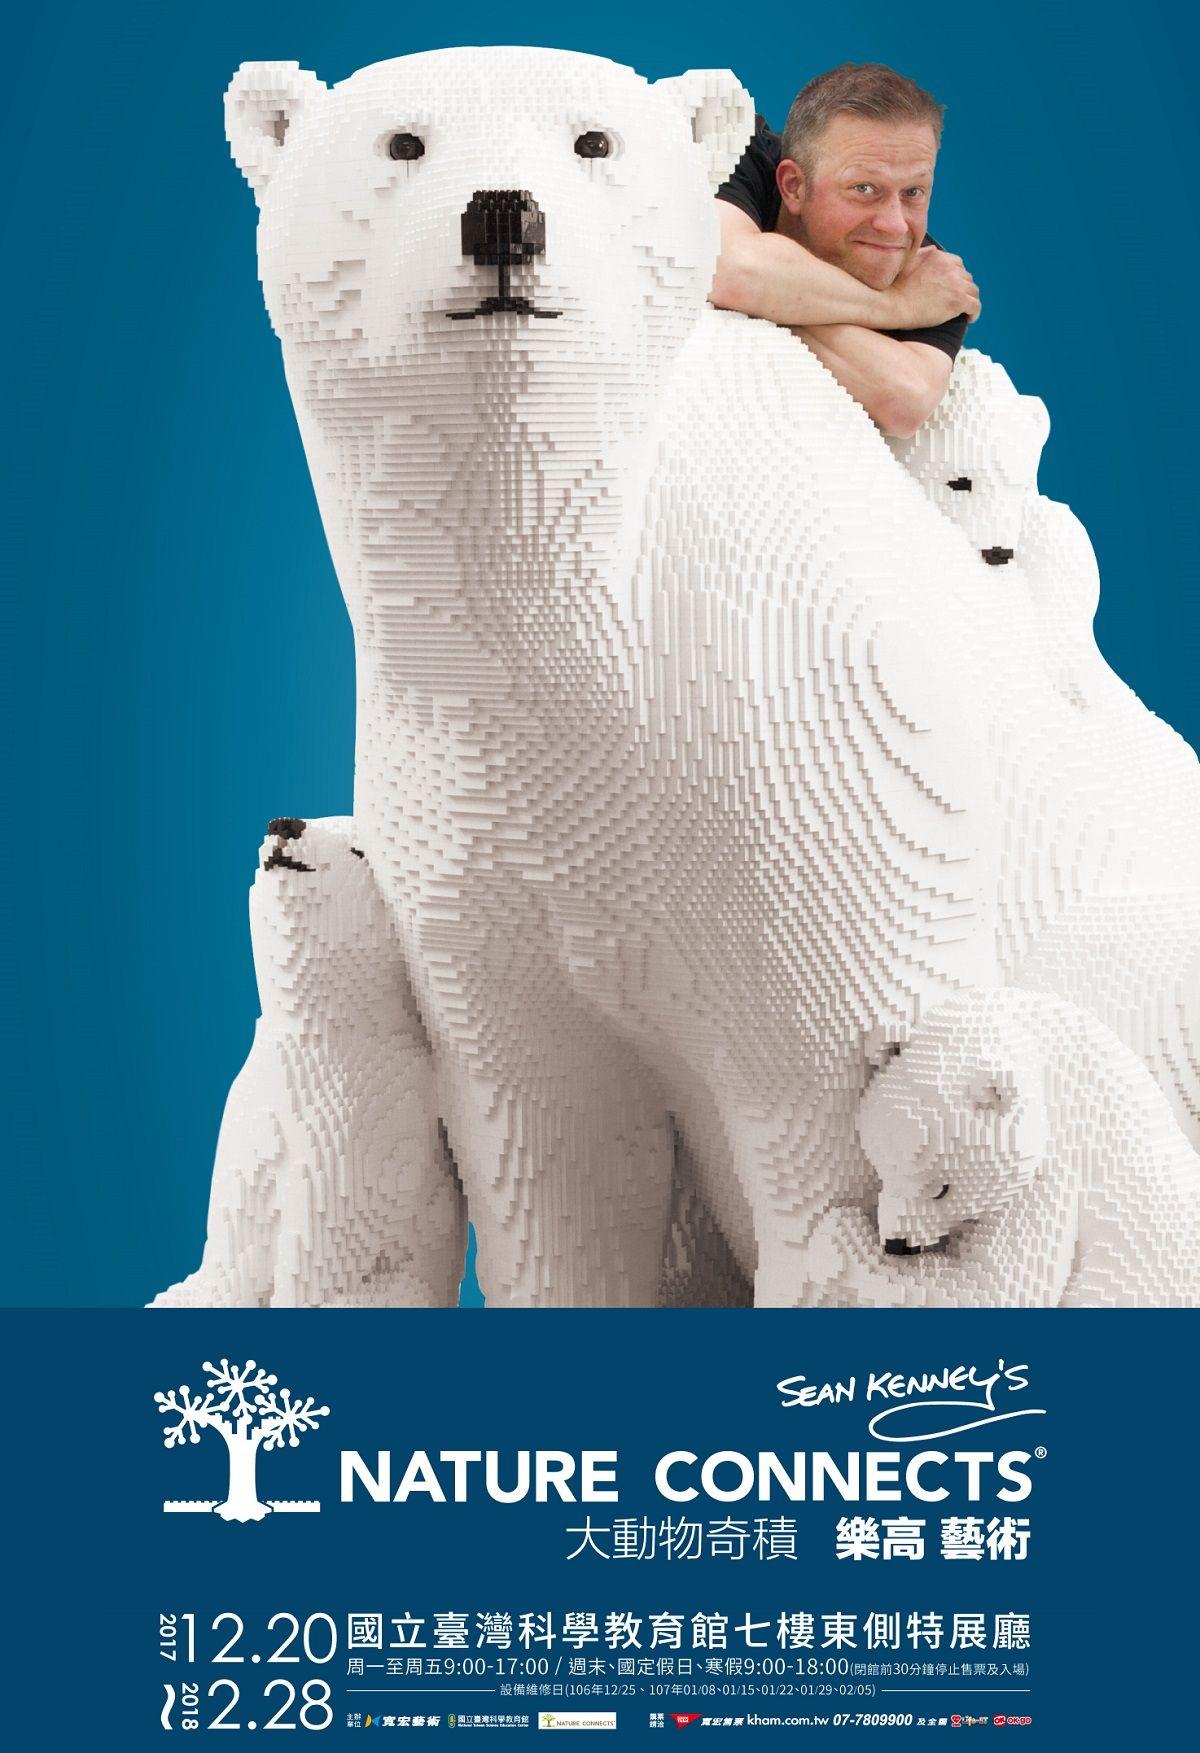 來這拍照打卡就對了!樂高動物園、藍色小精靈、卡娜赫拉等療癒型展覽大集合